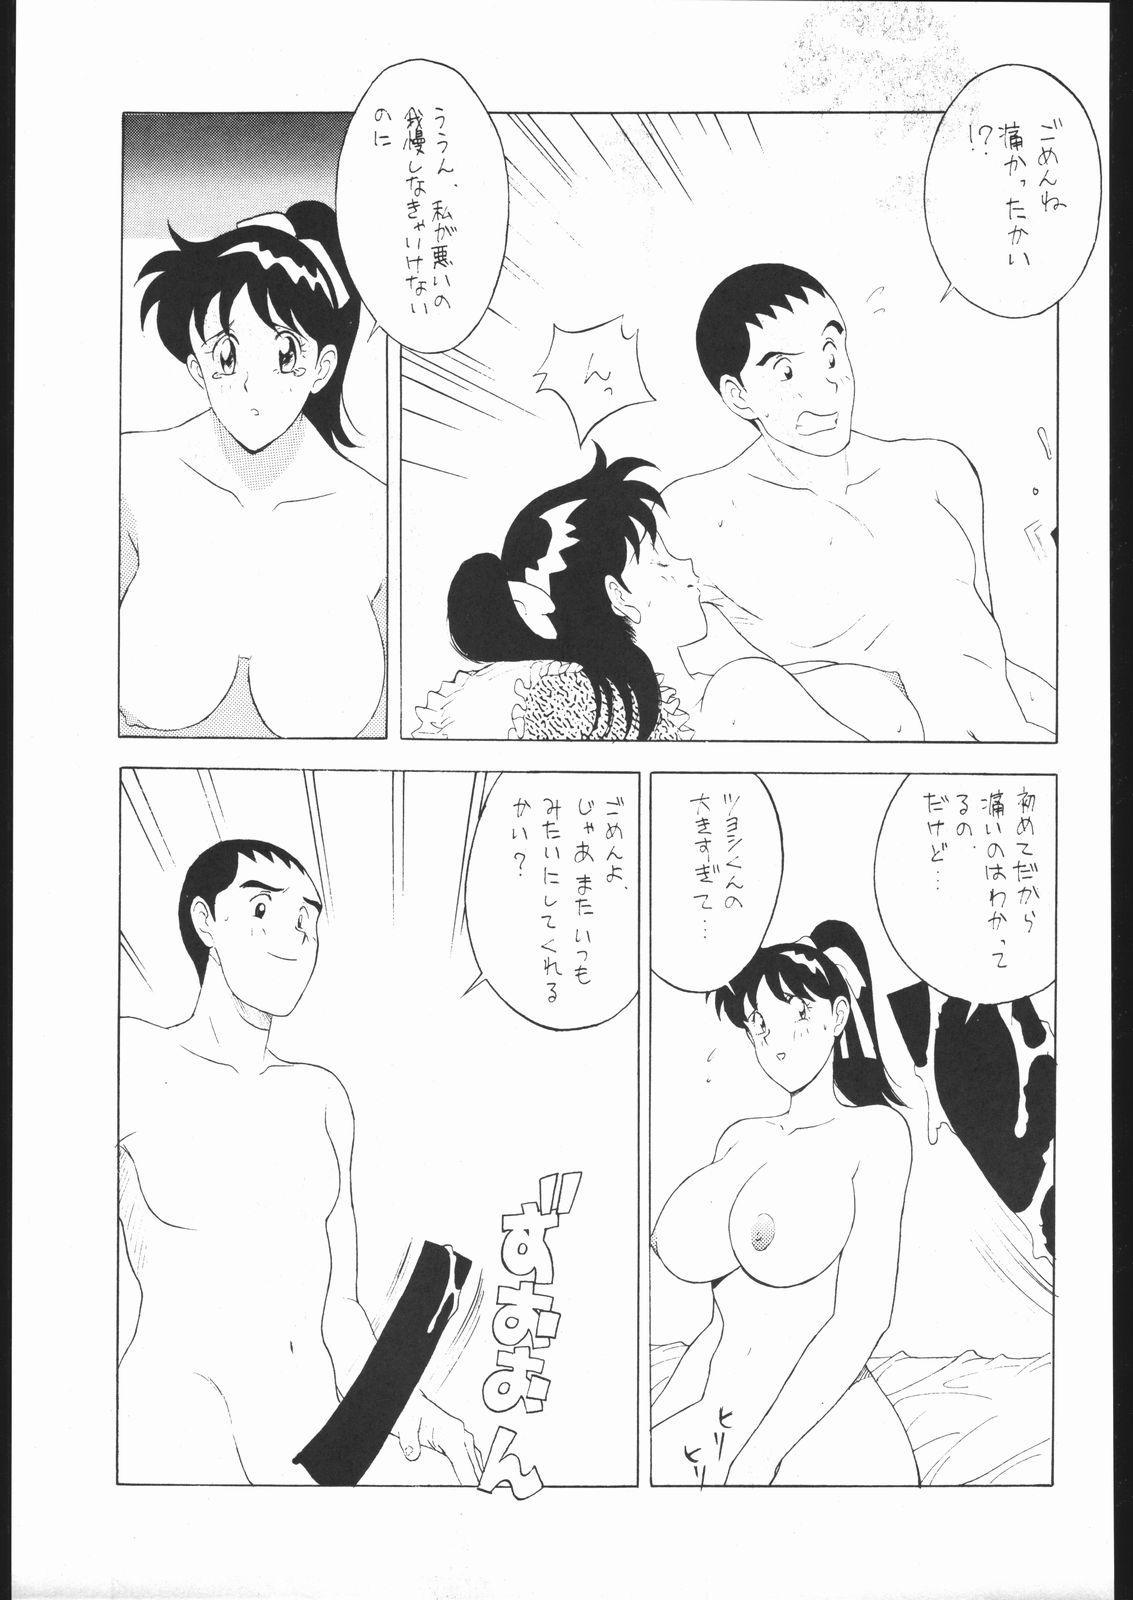 KATZE 8 85